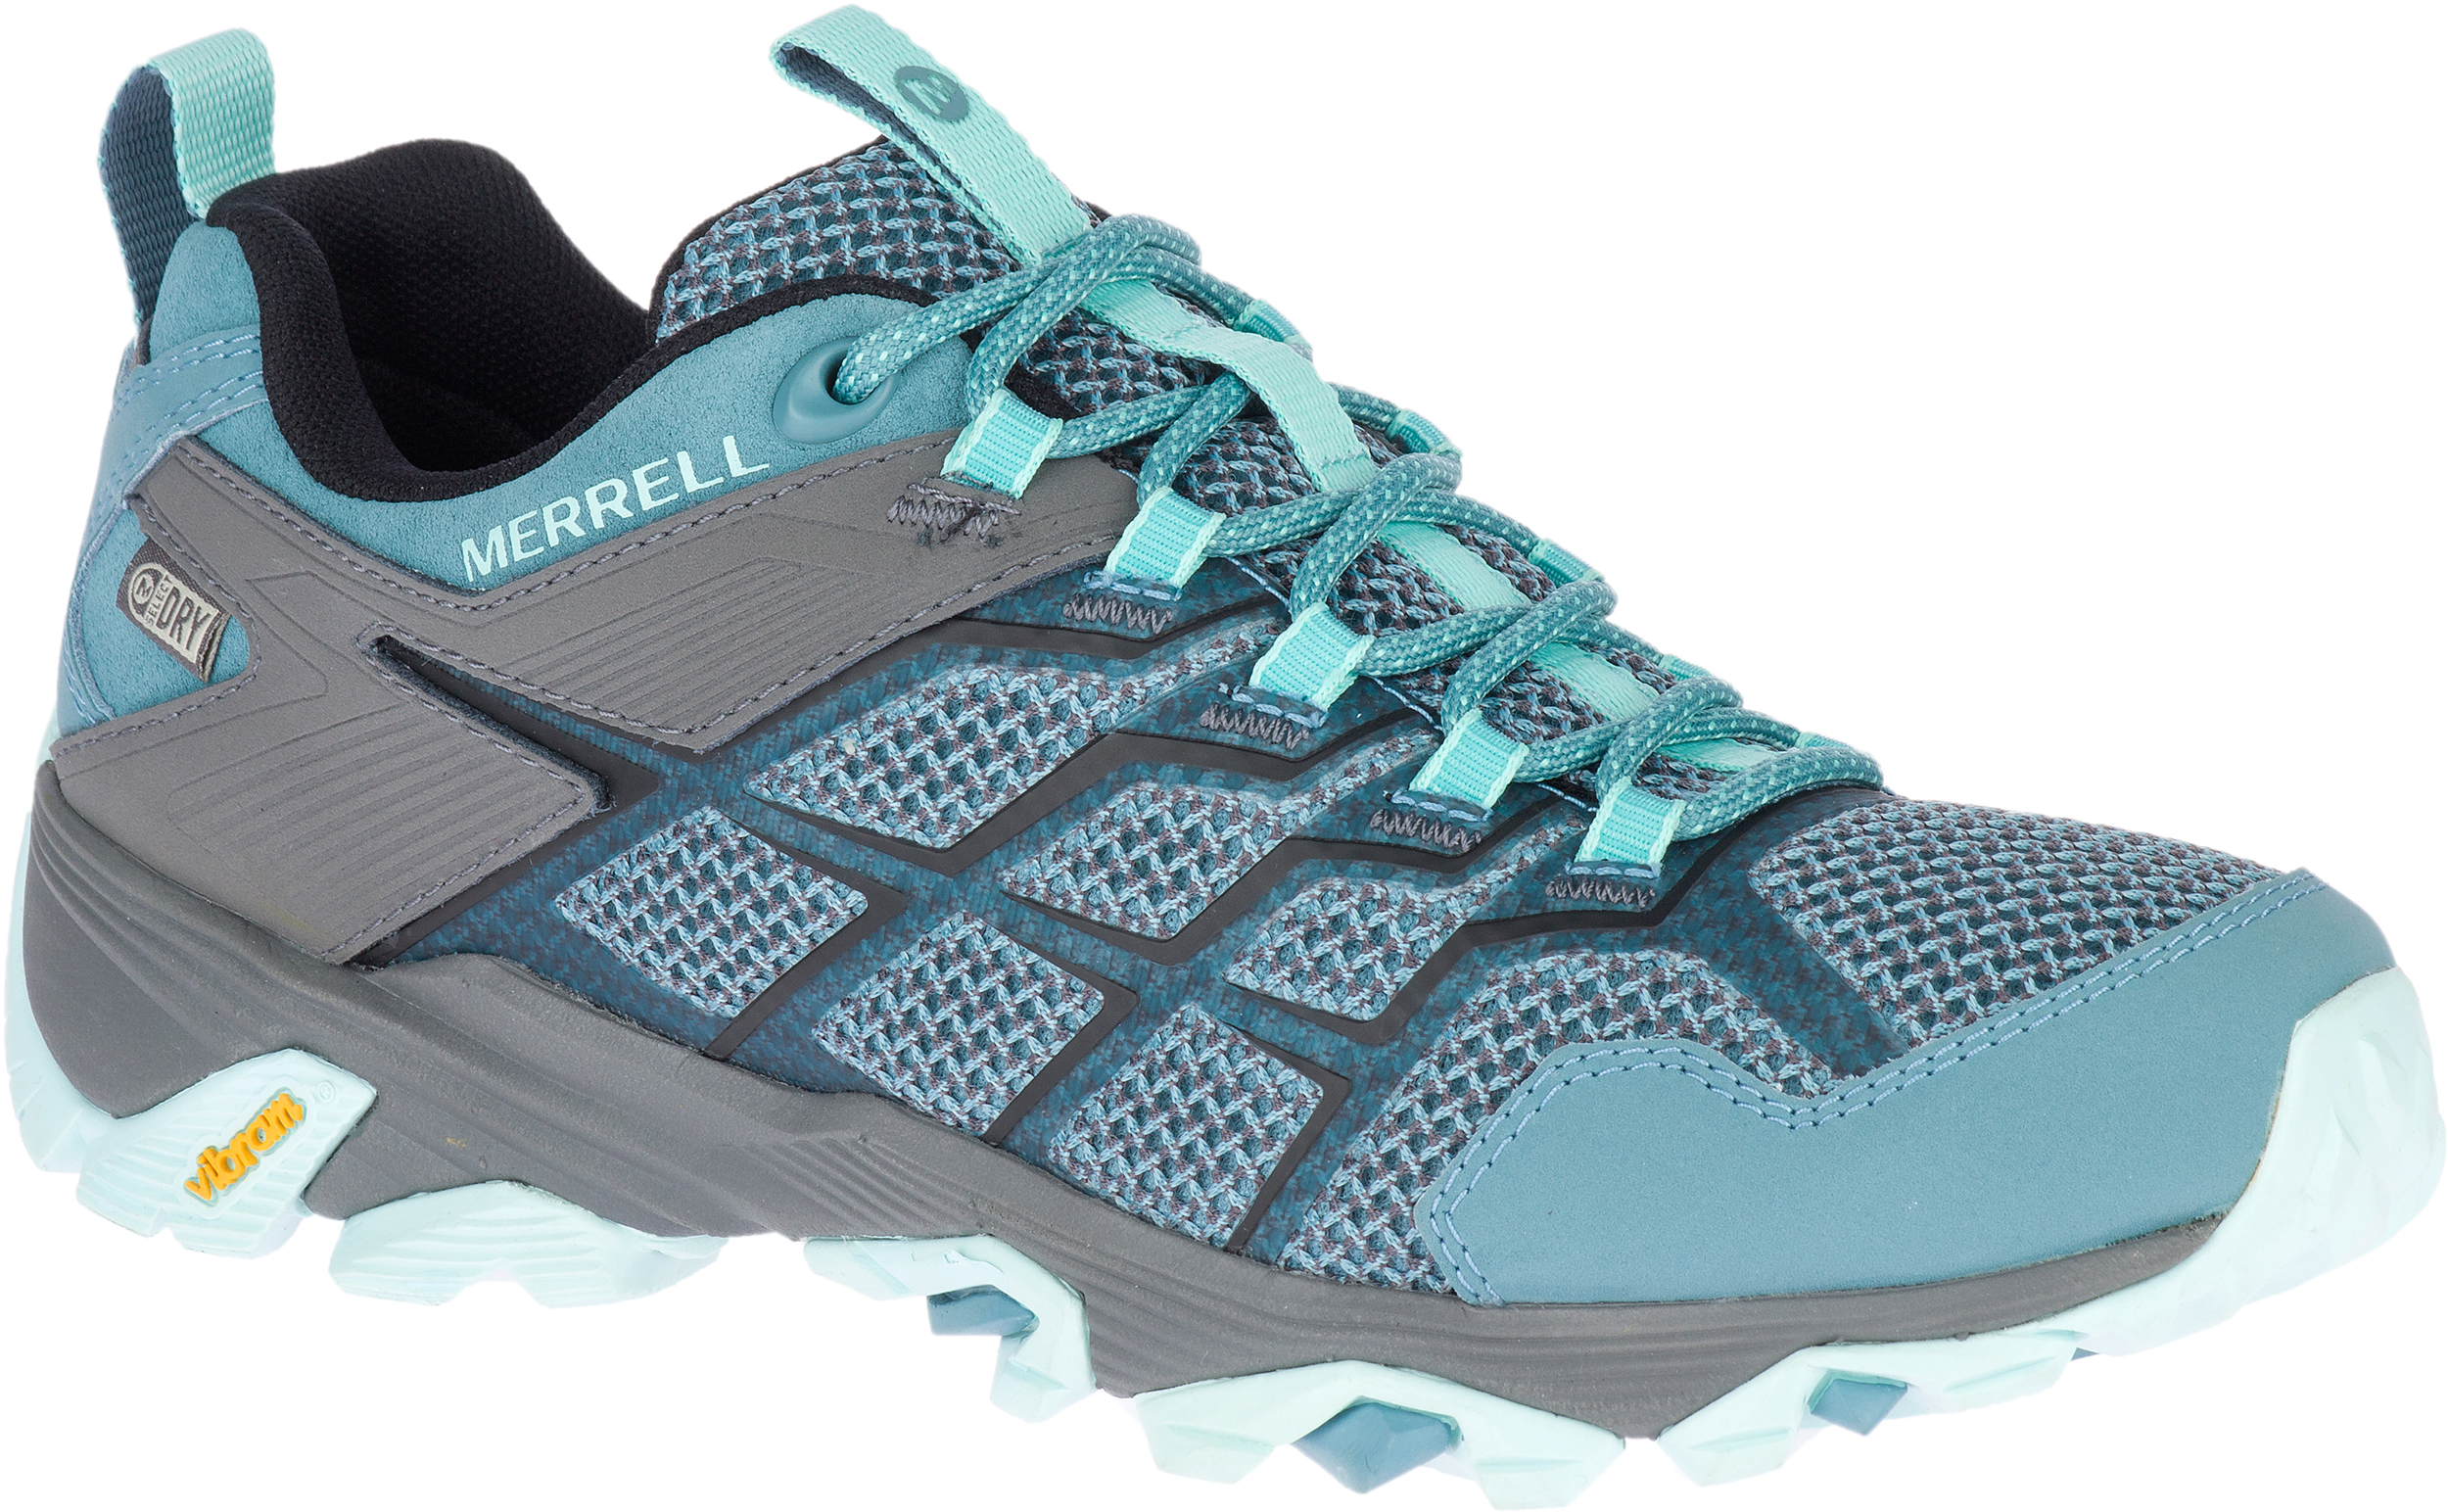 d252a8ff675 Women s Shoes